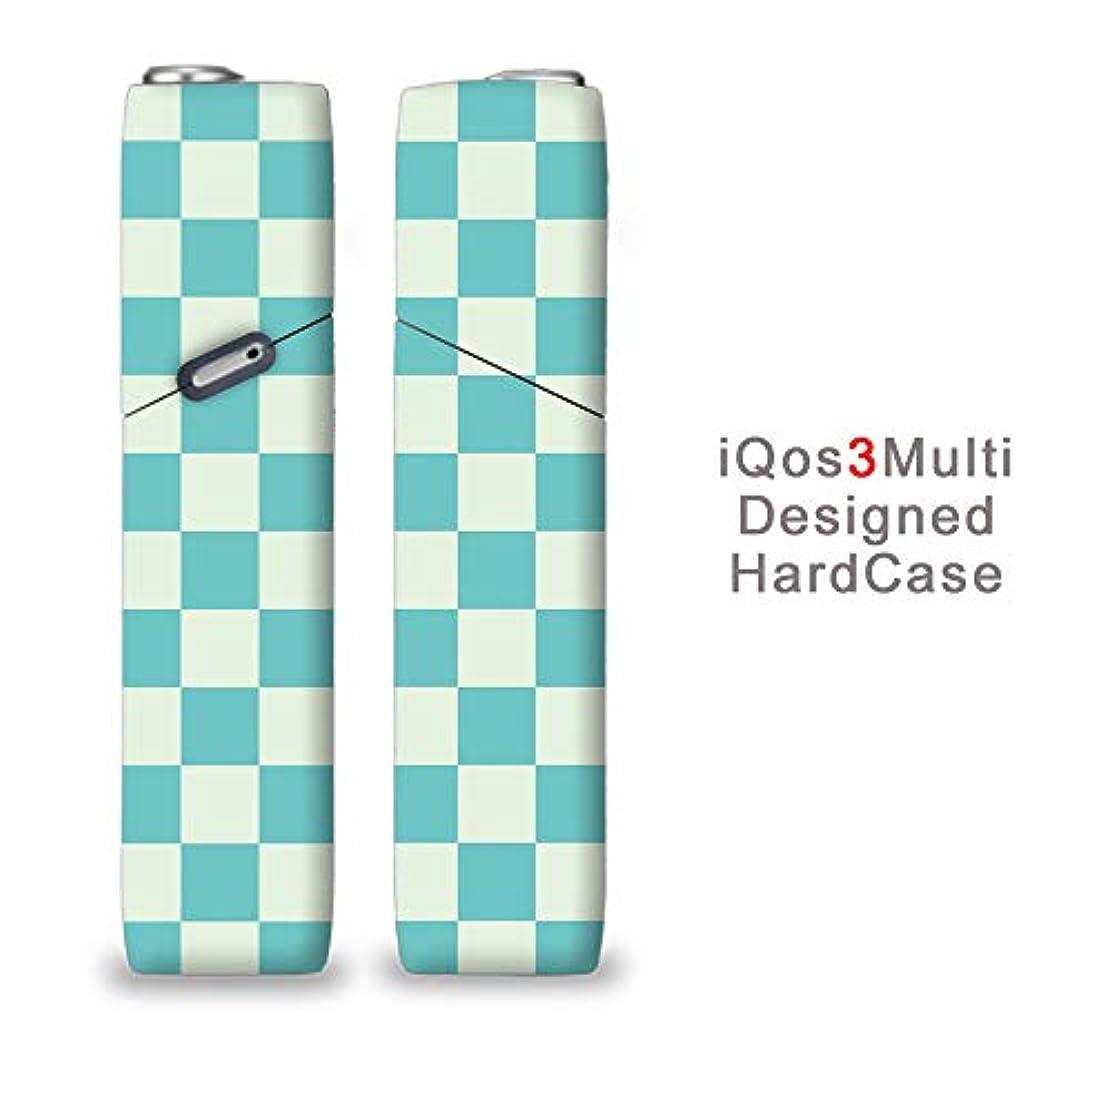 完全国内受注生産 iQOS3マルチ用 アイコス3マルチ用 熱転写全面印刷 チェック柄 加熱式タバコ 電子タバコ 禁煙サポート アクセサリー プラスティックケース ハードケース 日本製